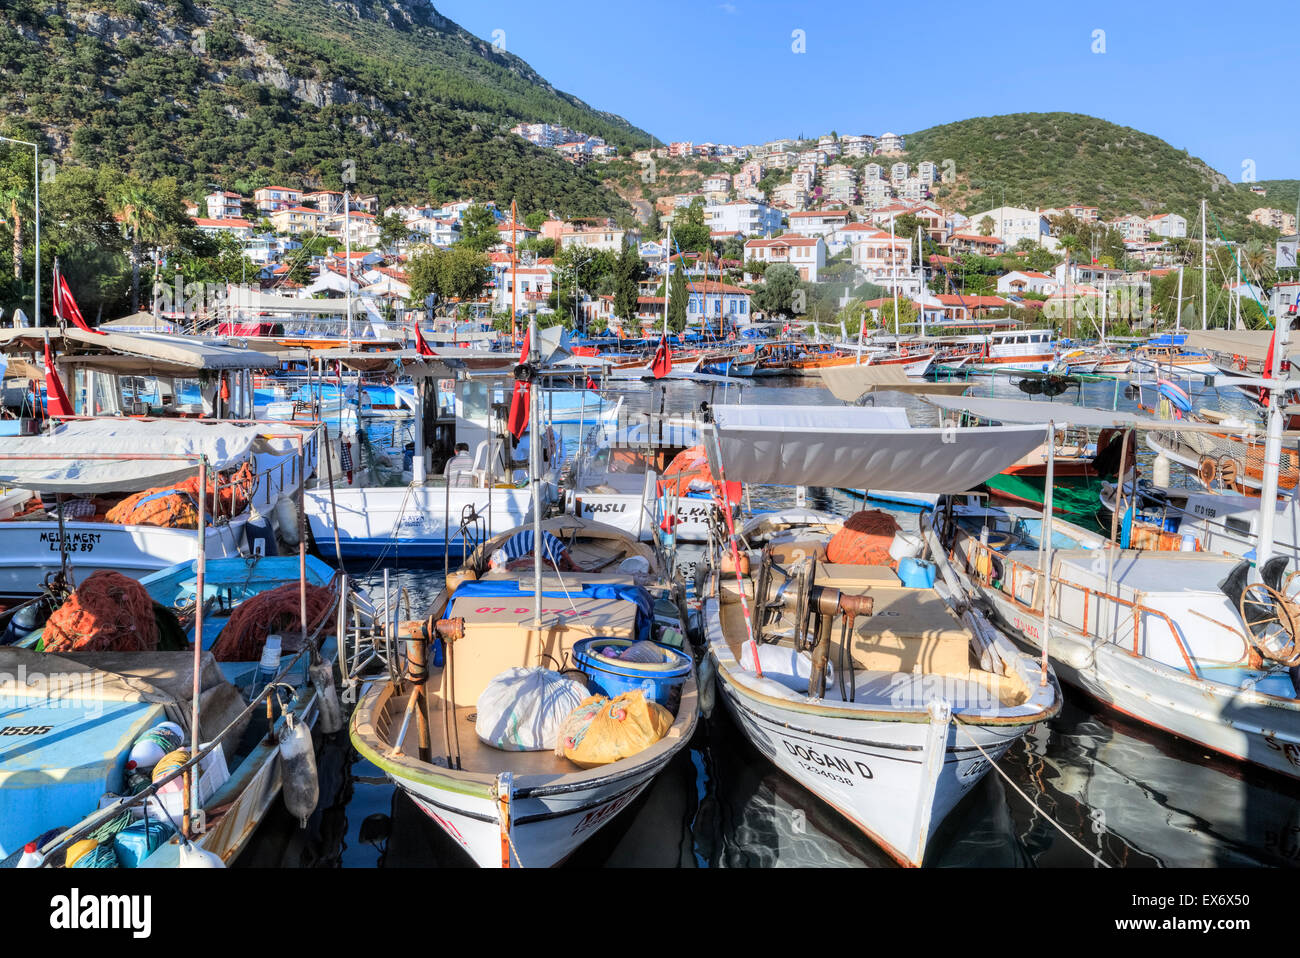 Kas, Antalya, Mediterraneo, Turchia Immagini Stock